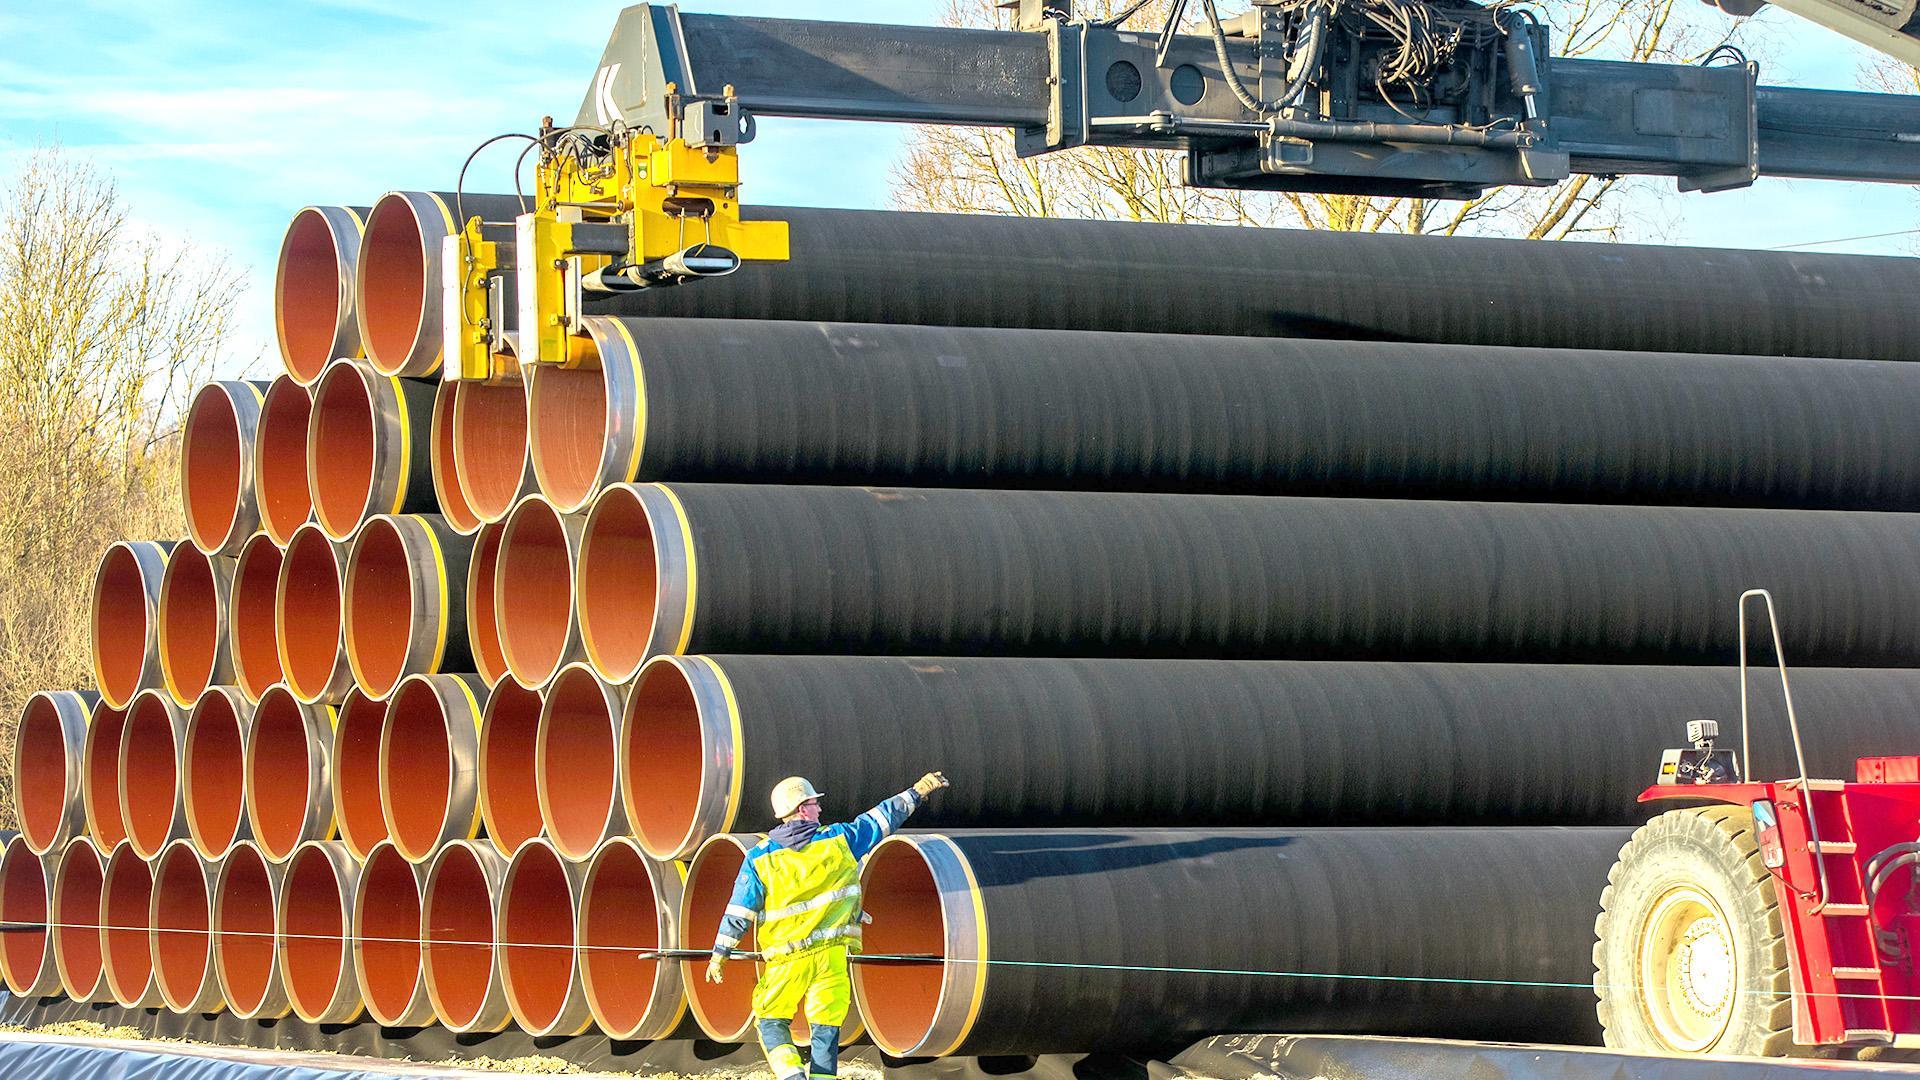 Азербайджан планирует начать поставки газа в Европу по TAP в 2020 году